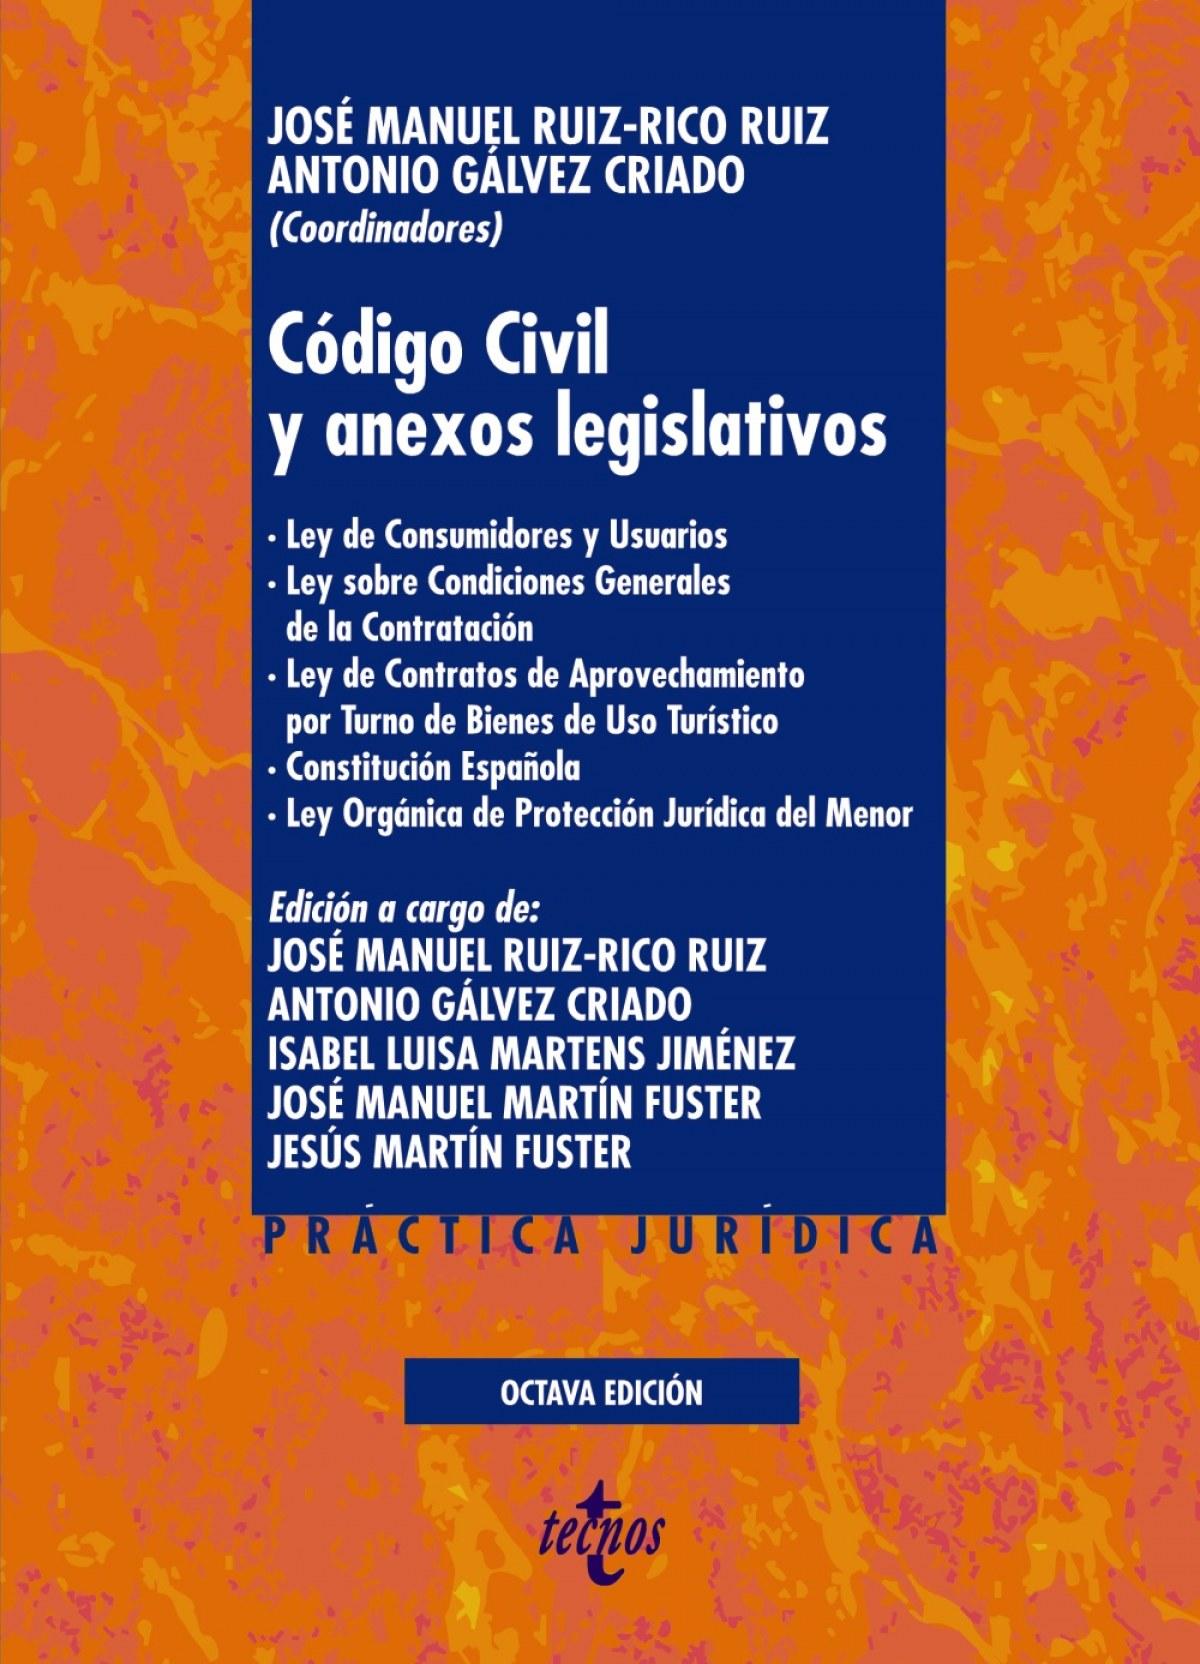 Código Civil y anexos legislativos 9788430980277